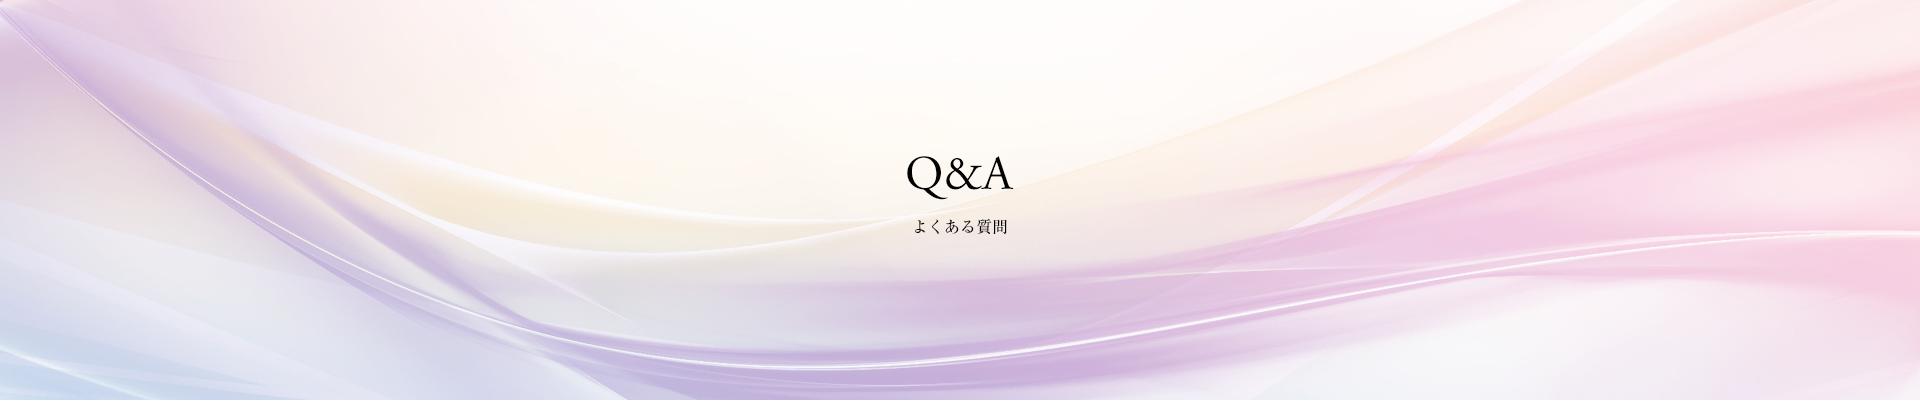 QUESTION/よくある質問についてのご紹介です。